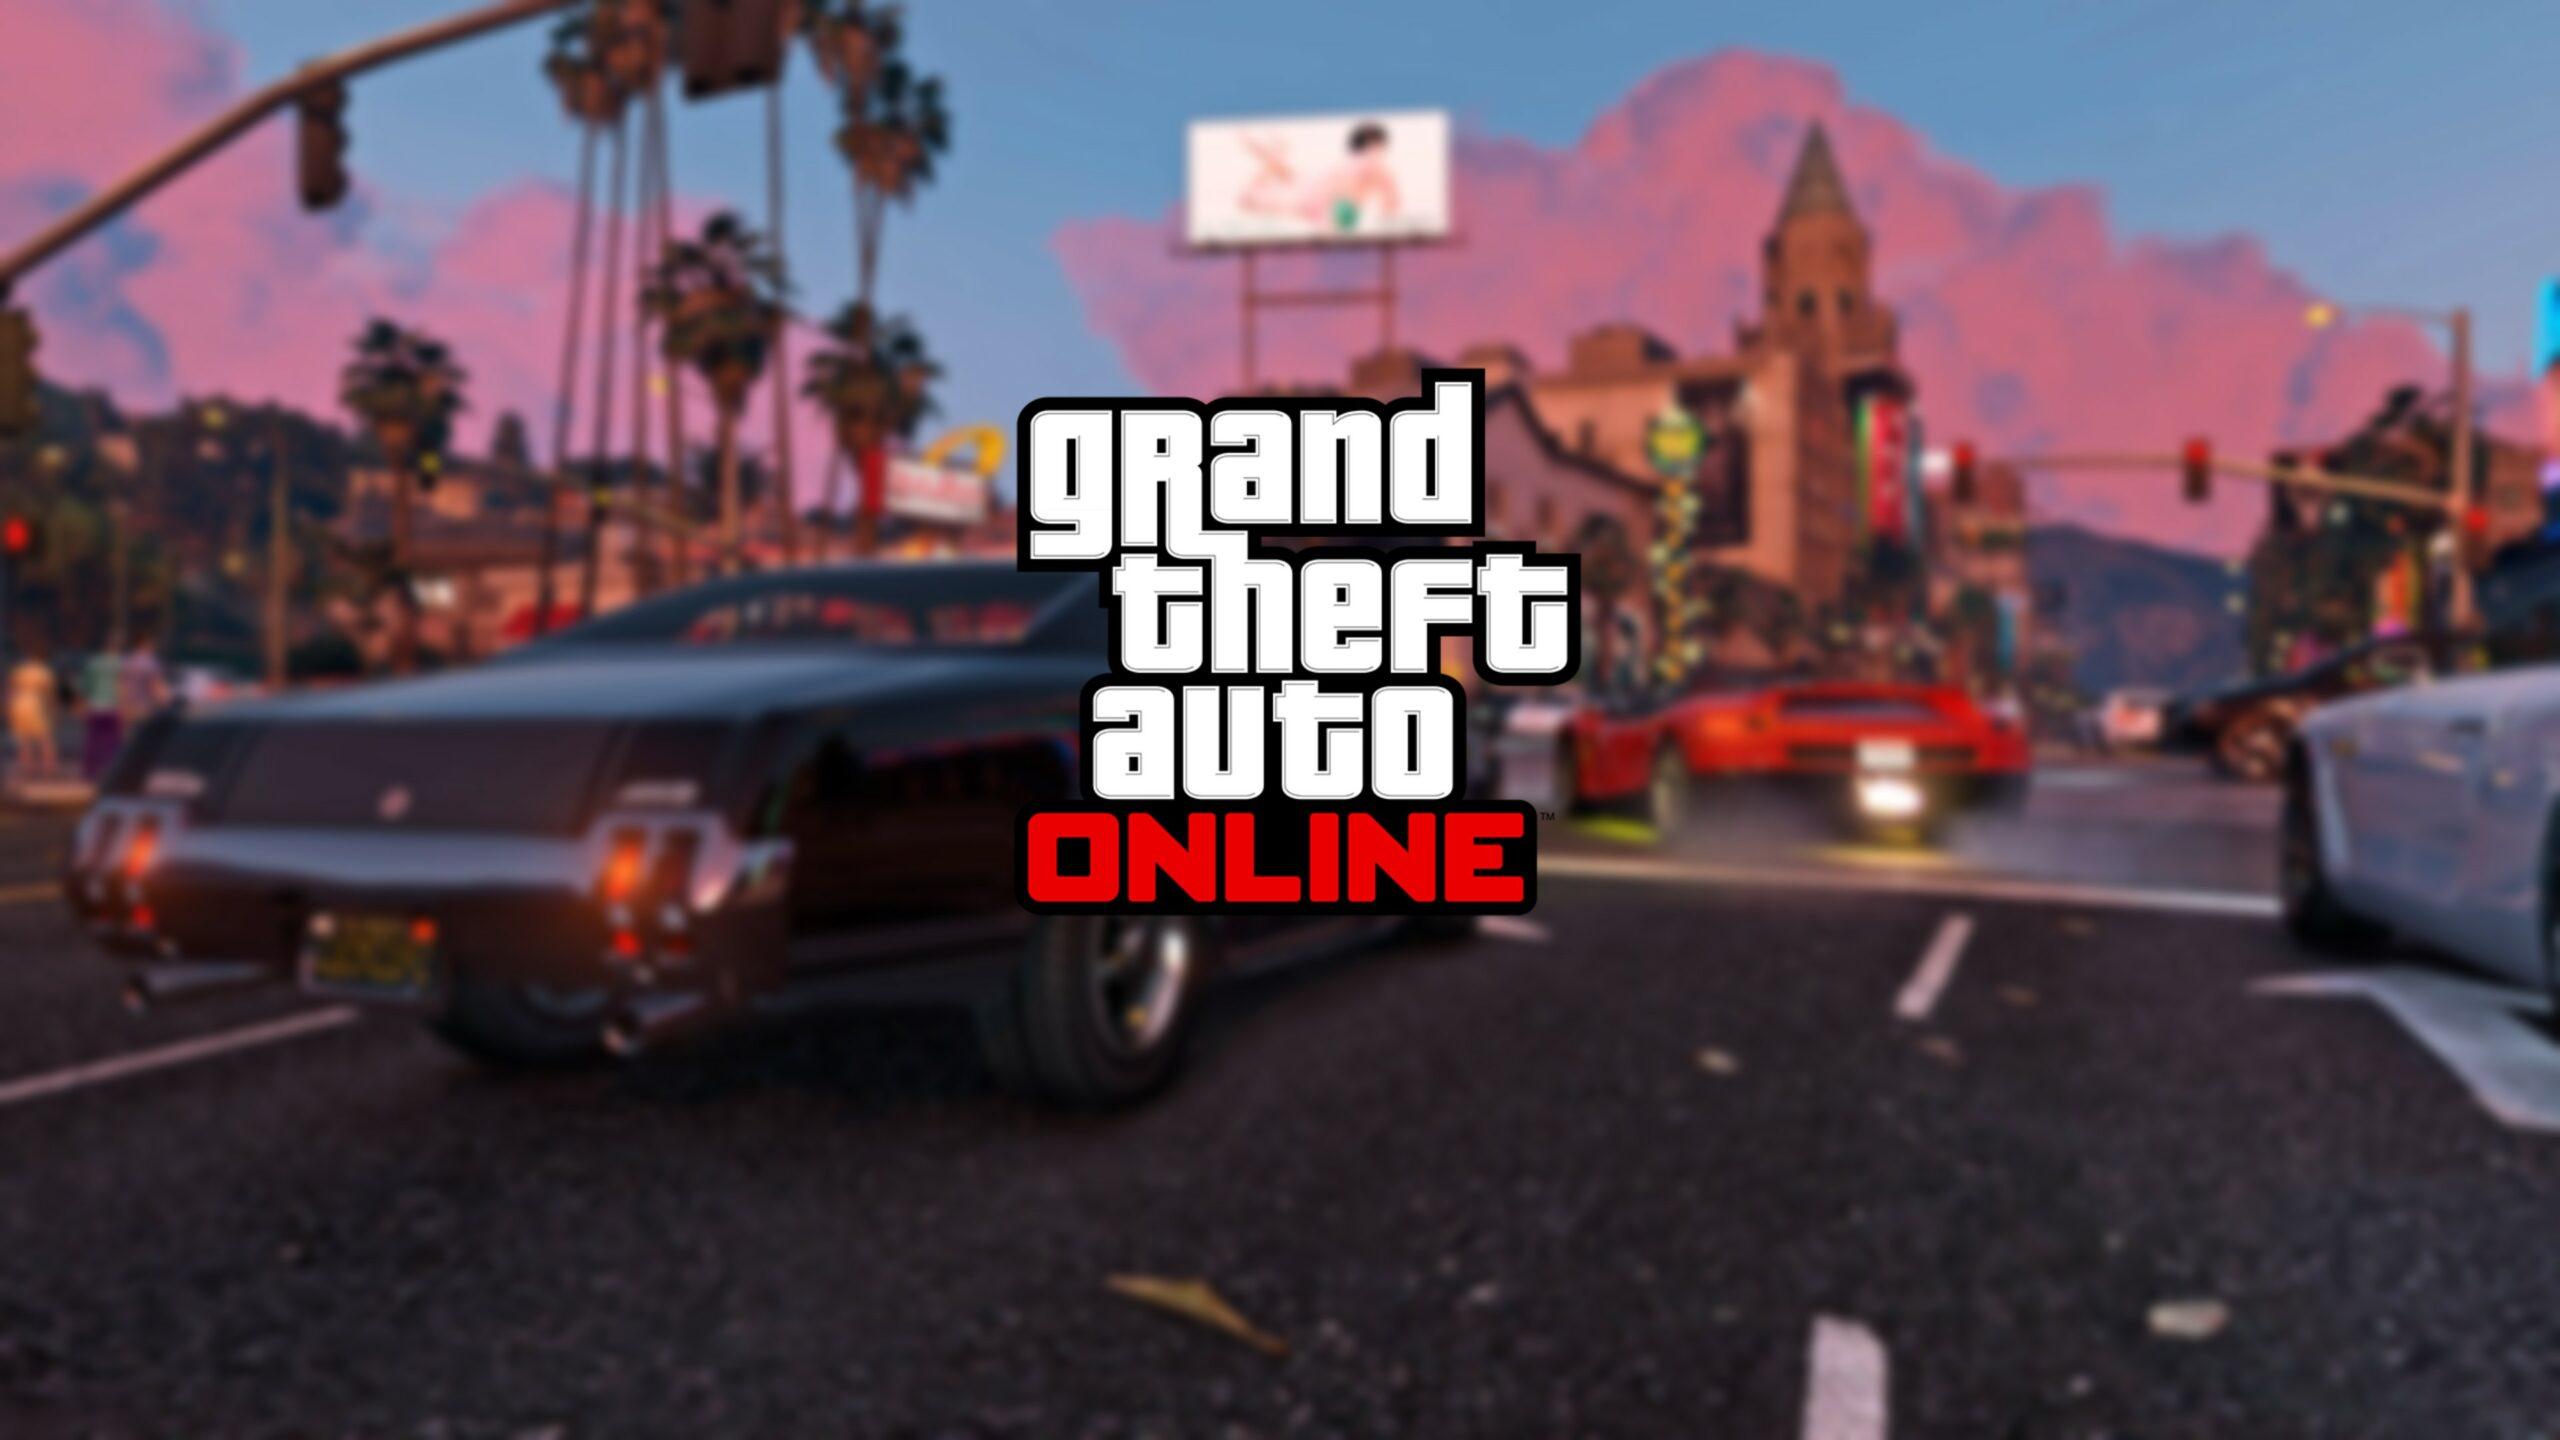 Во сколько выйдет еженедельное обновление GTA Online 12 августа, Время выпуска и многое другое